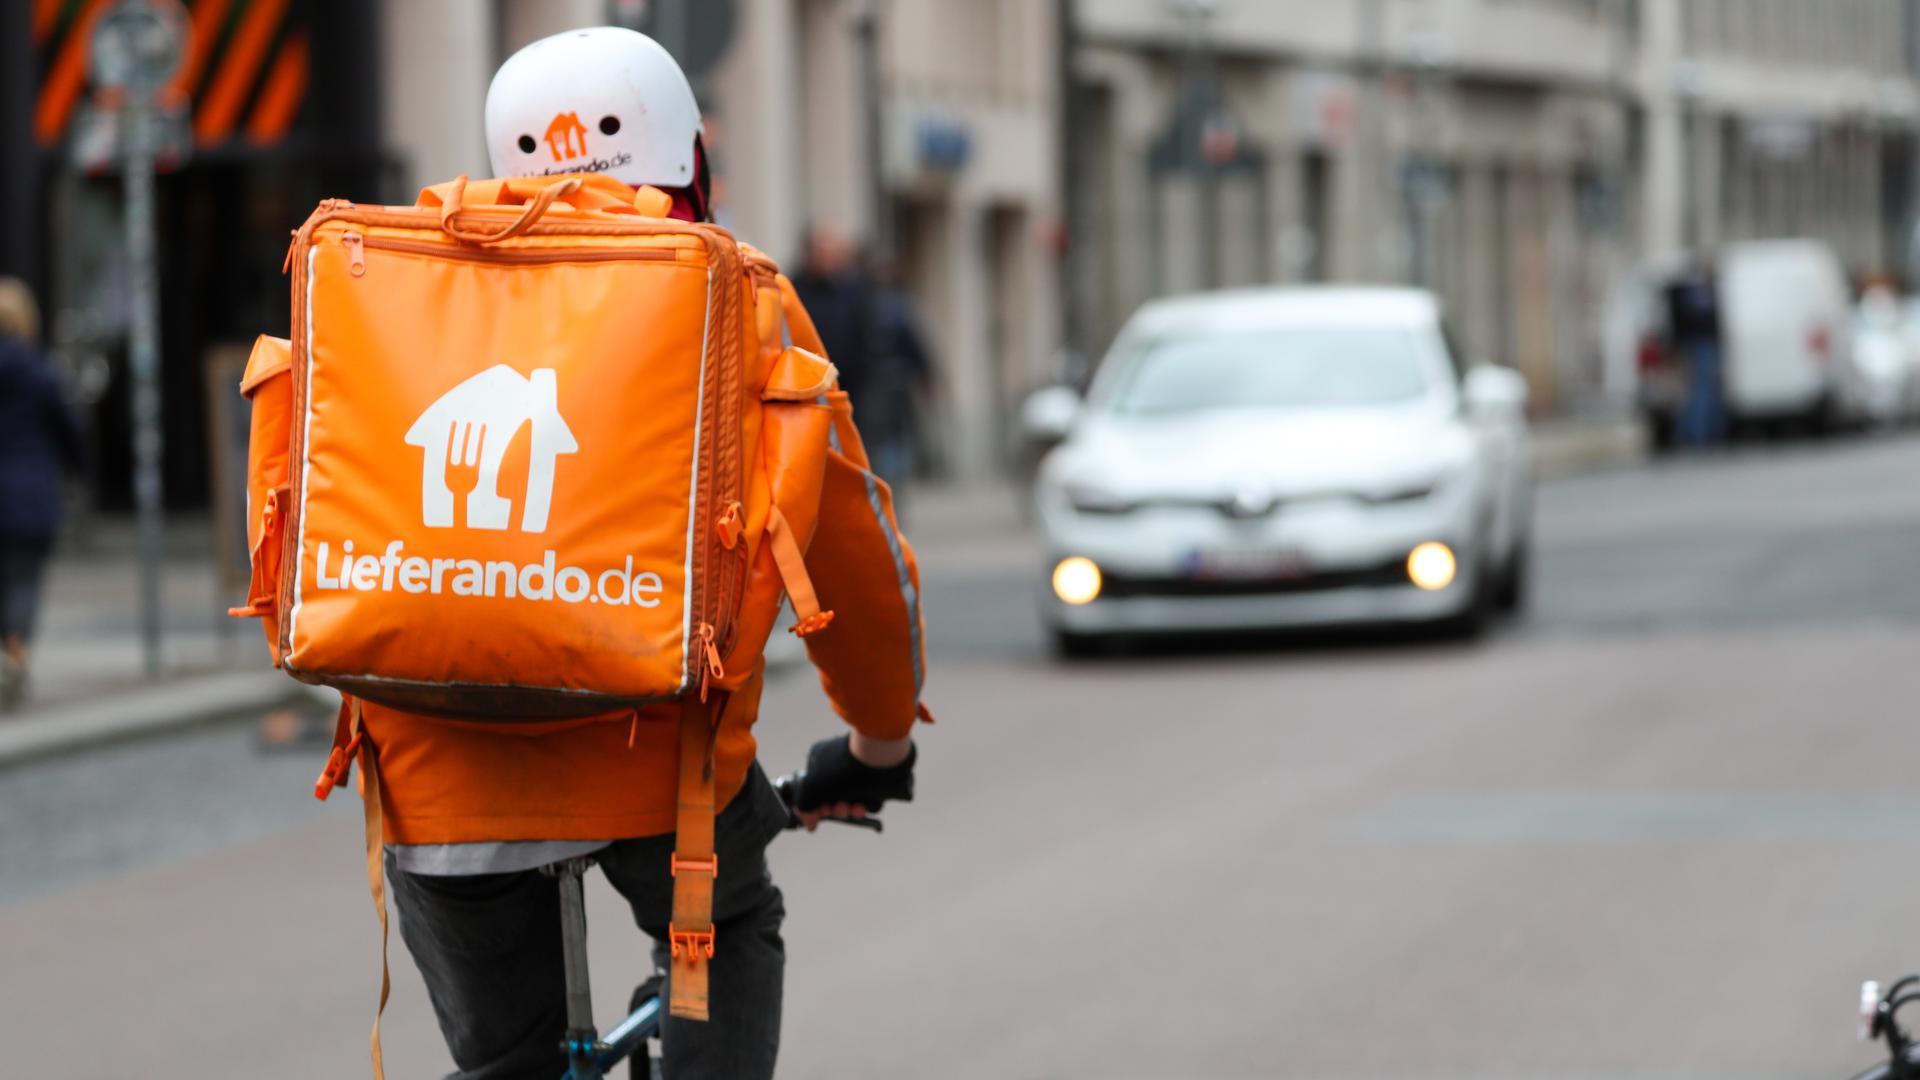 """Ein Fahradbote vom Lieferdienst """"Lieferando.de"""" fährt durch eine Innenstadt."""